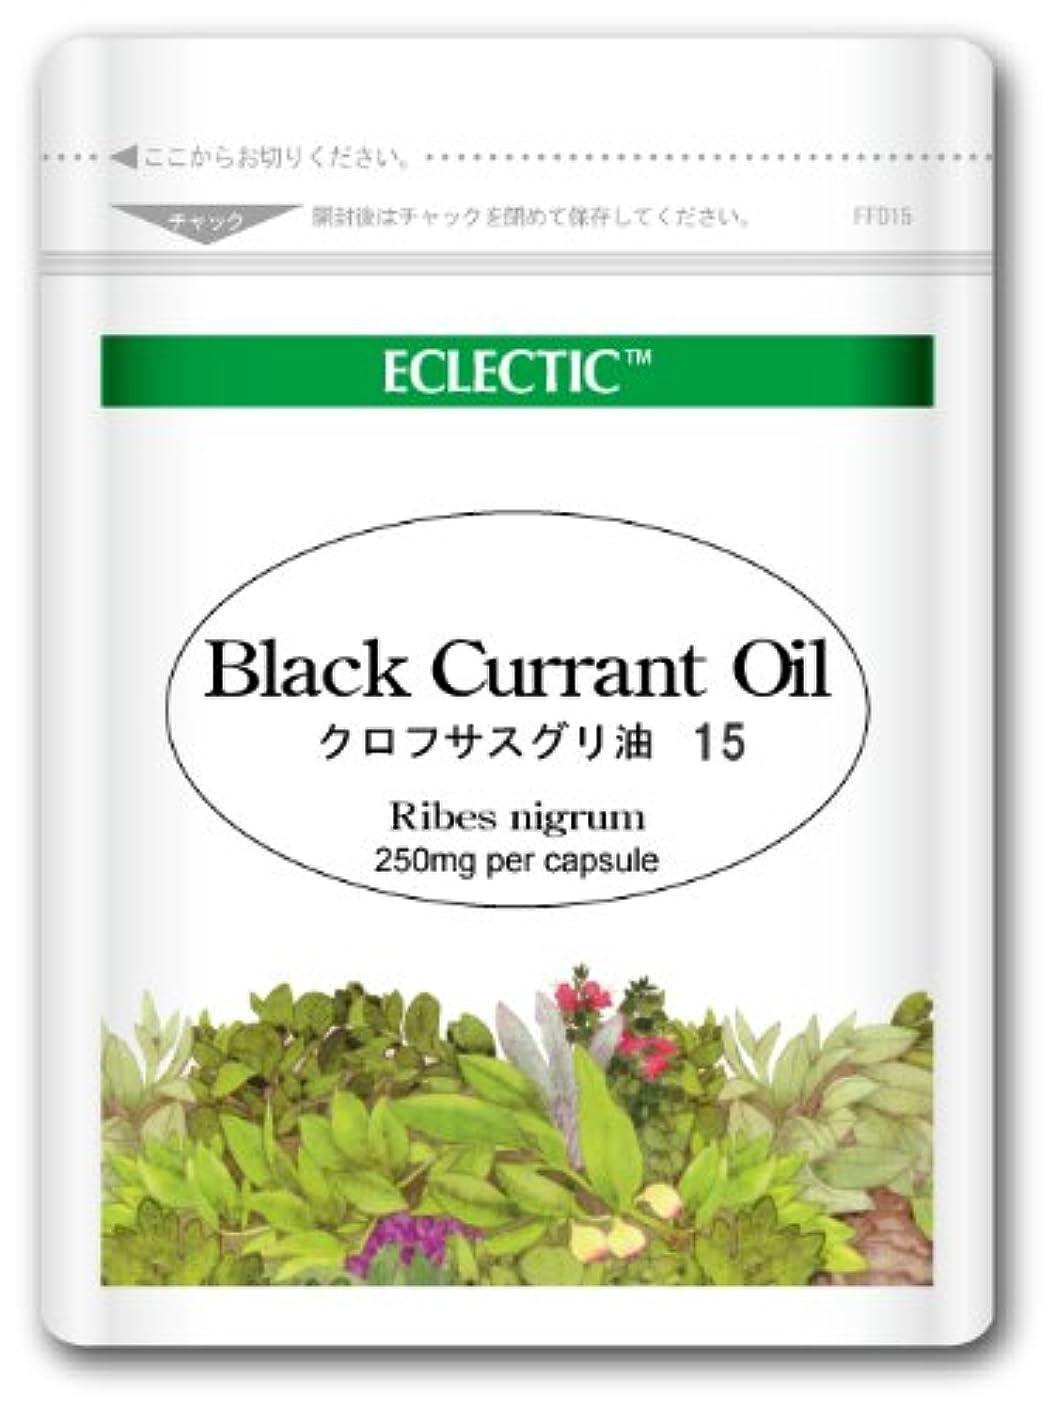 アシスト熱本物【クロフサスグリ油 (Black Currant Oil) オイル 250mg 15カプセル Ecoパック / エクレクティック】